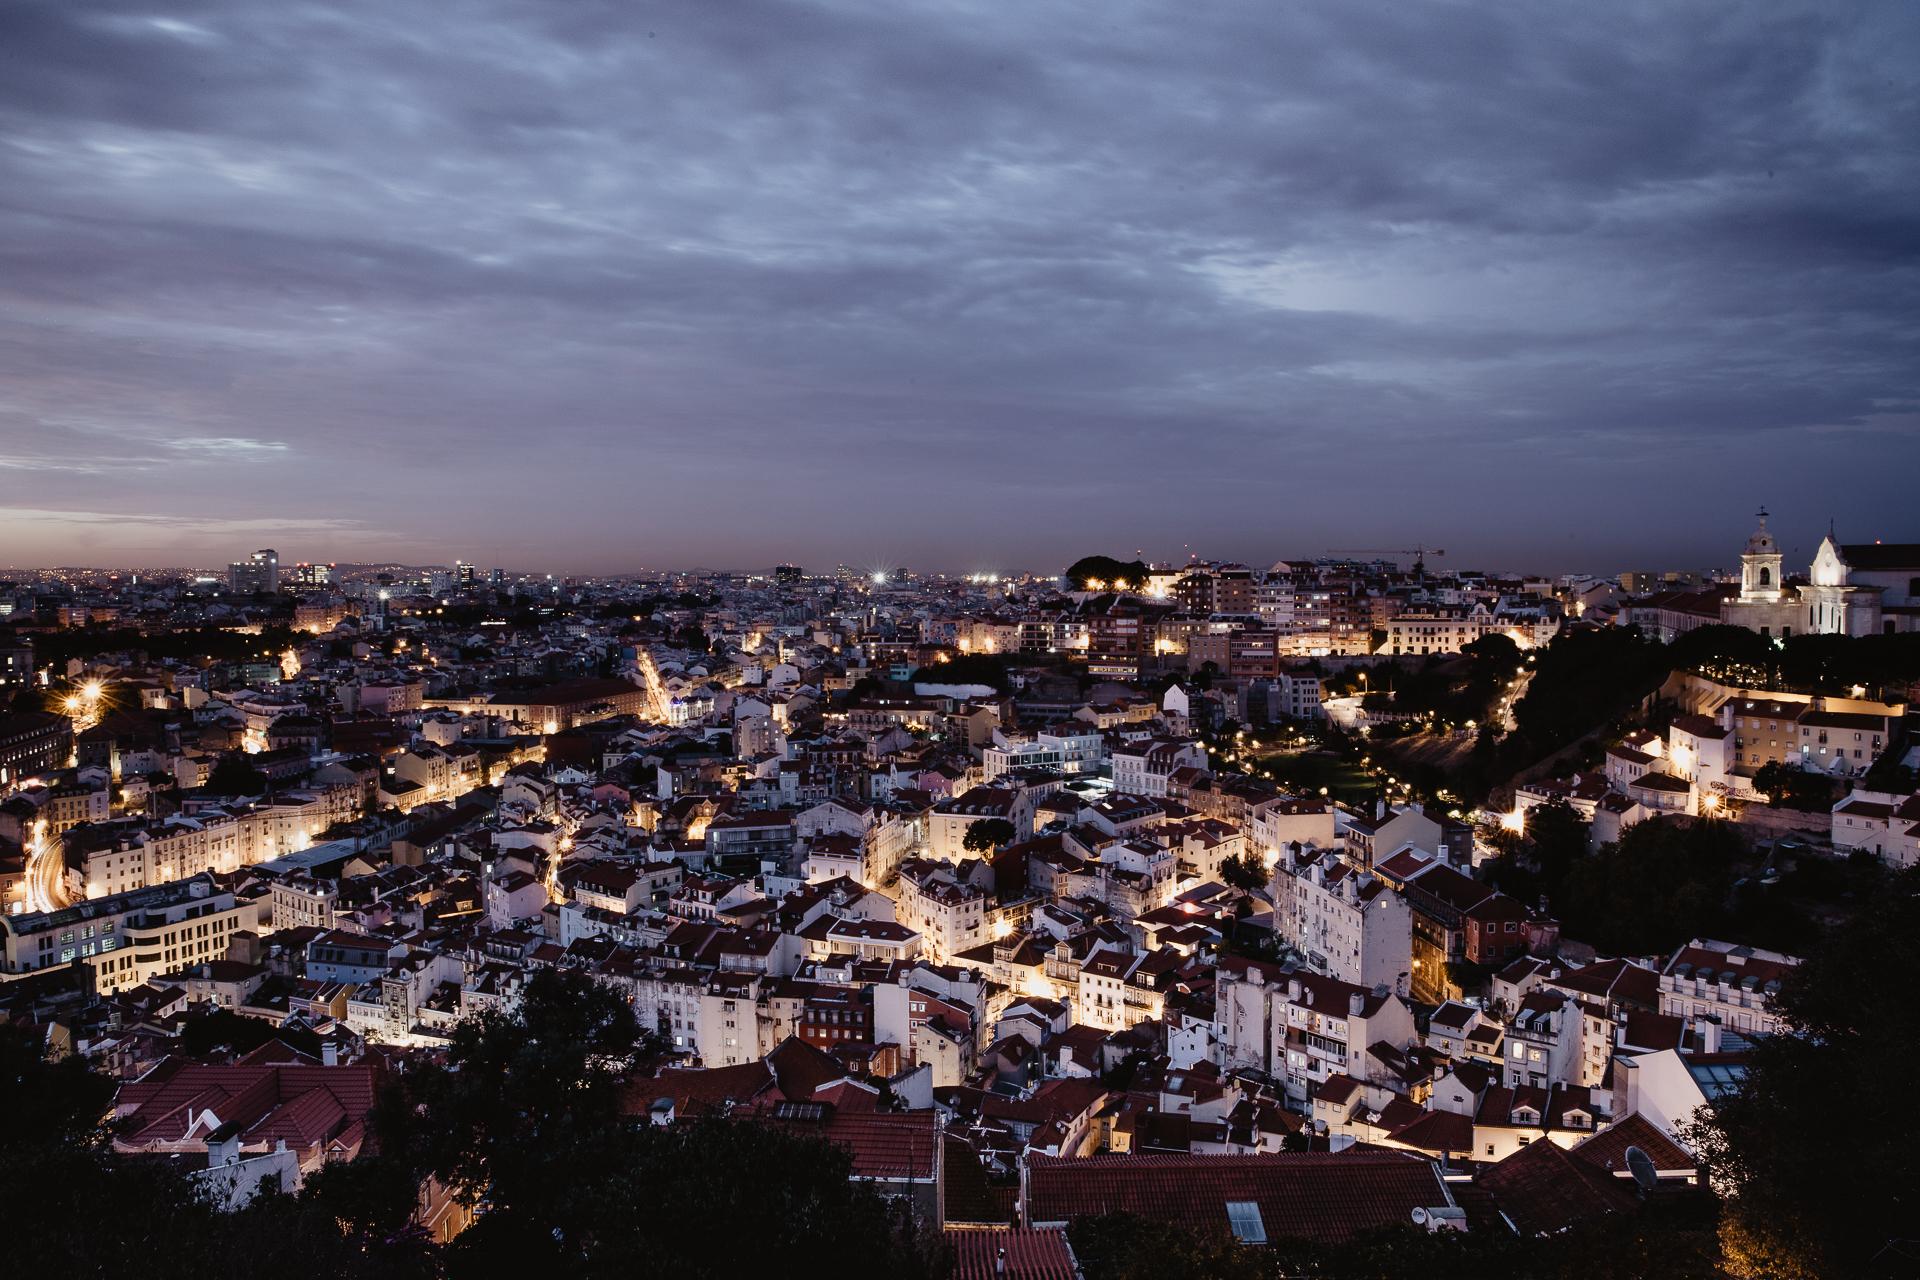 Sehenswürdigkeiten Highlight in Lissabon Burg Castelo de S. Jorge Sonnenuntergang Blaue Stunde